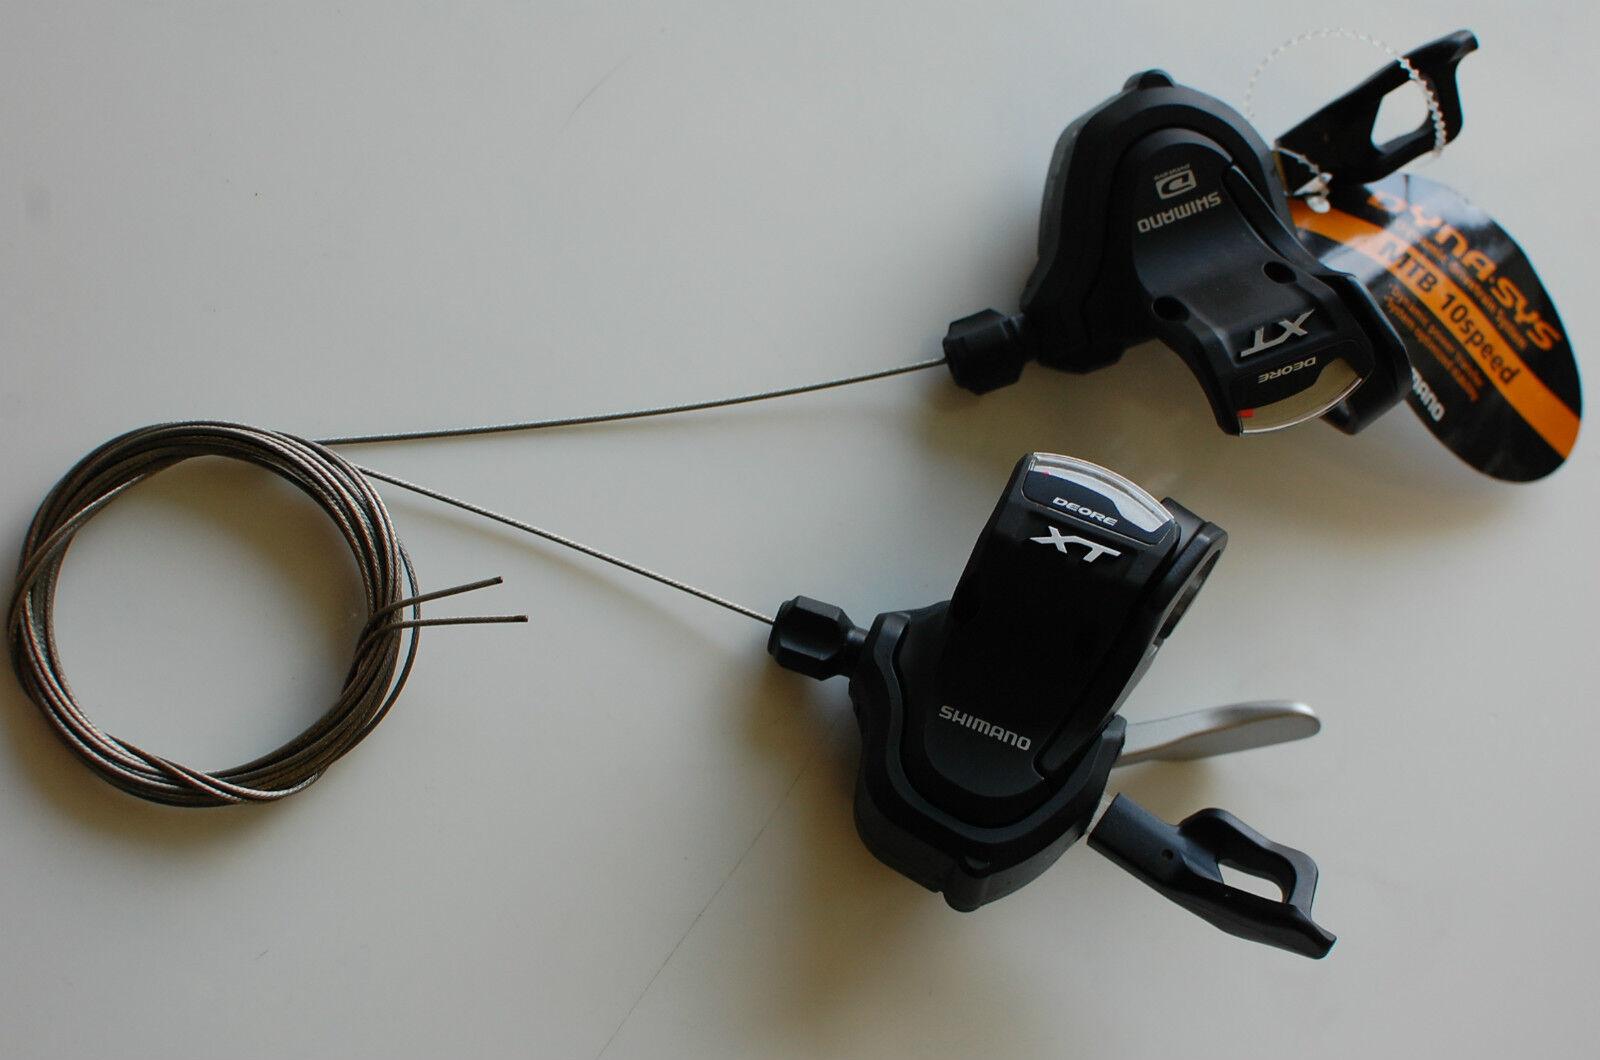 Shimano XT Rapidfire Plus Schalthebel Paar SL-M780 2 3x10fach mit Ganganzeige